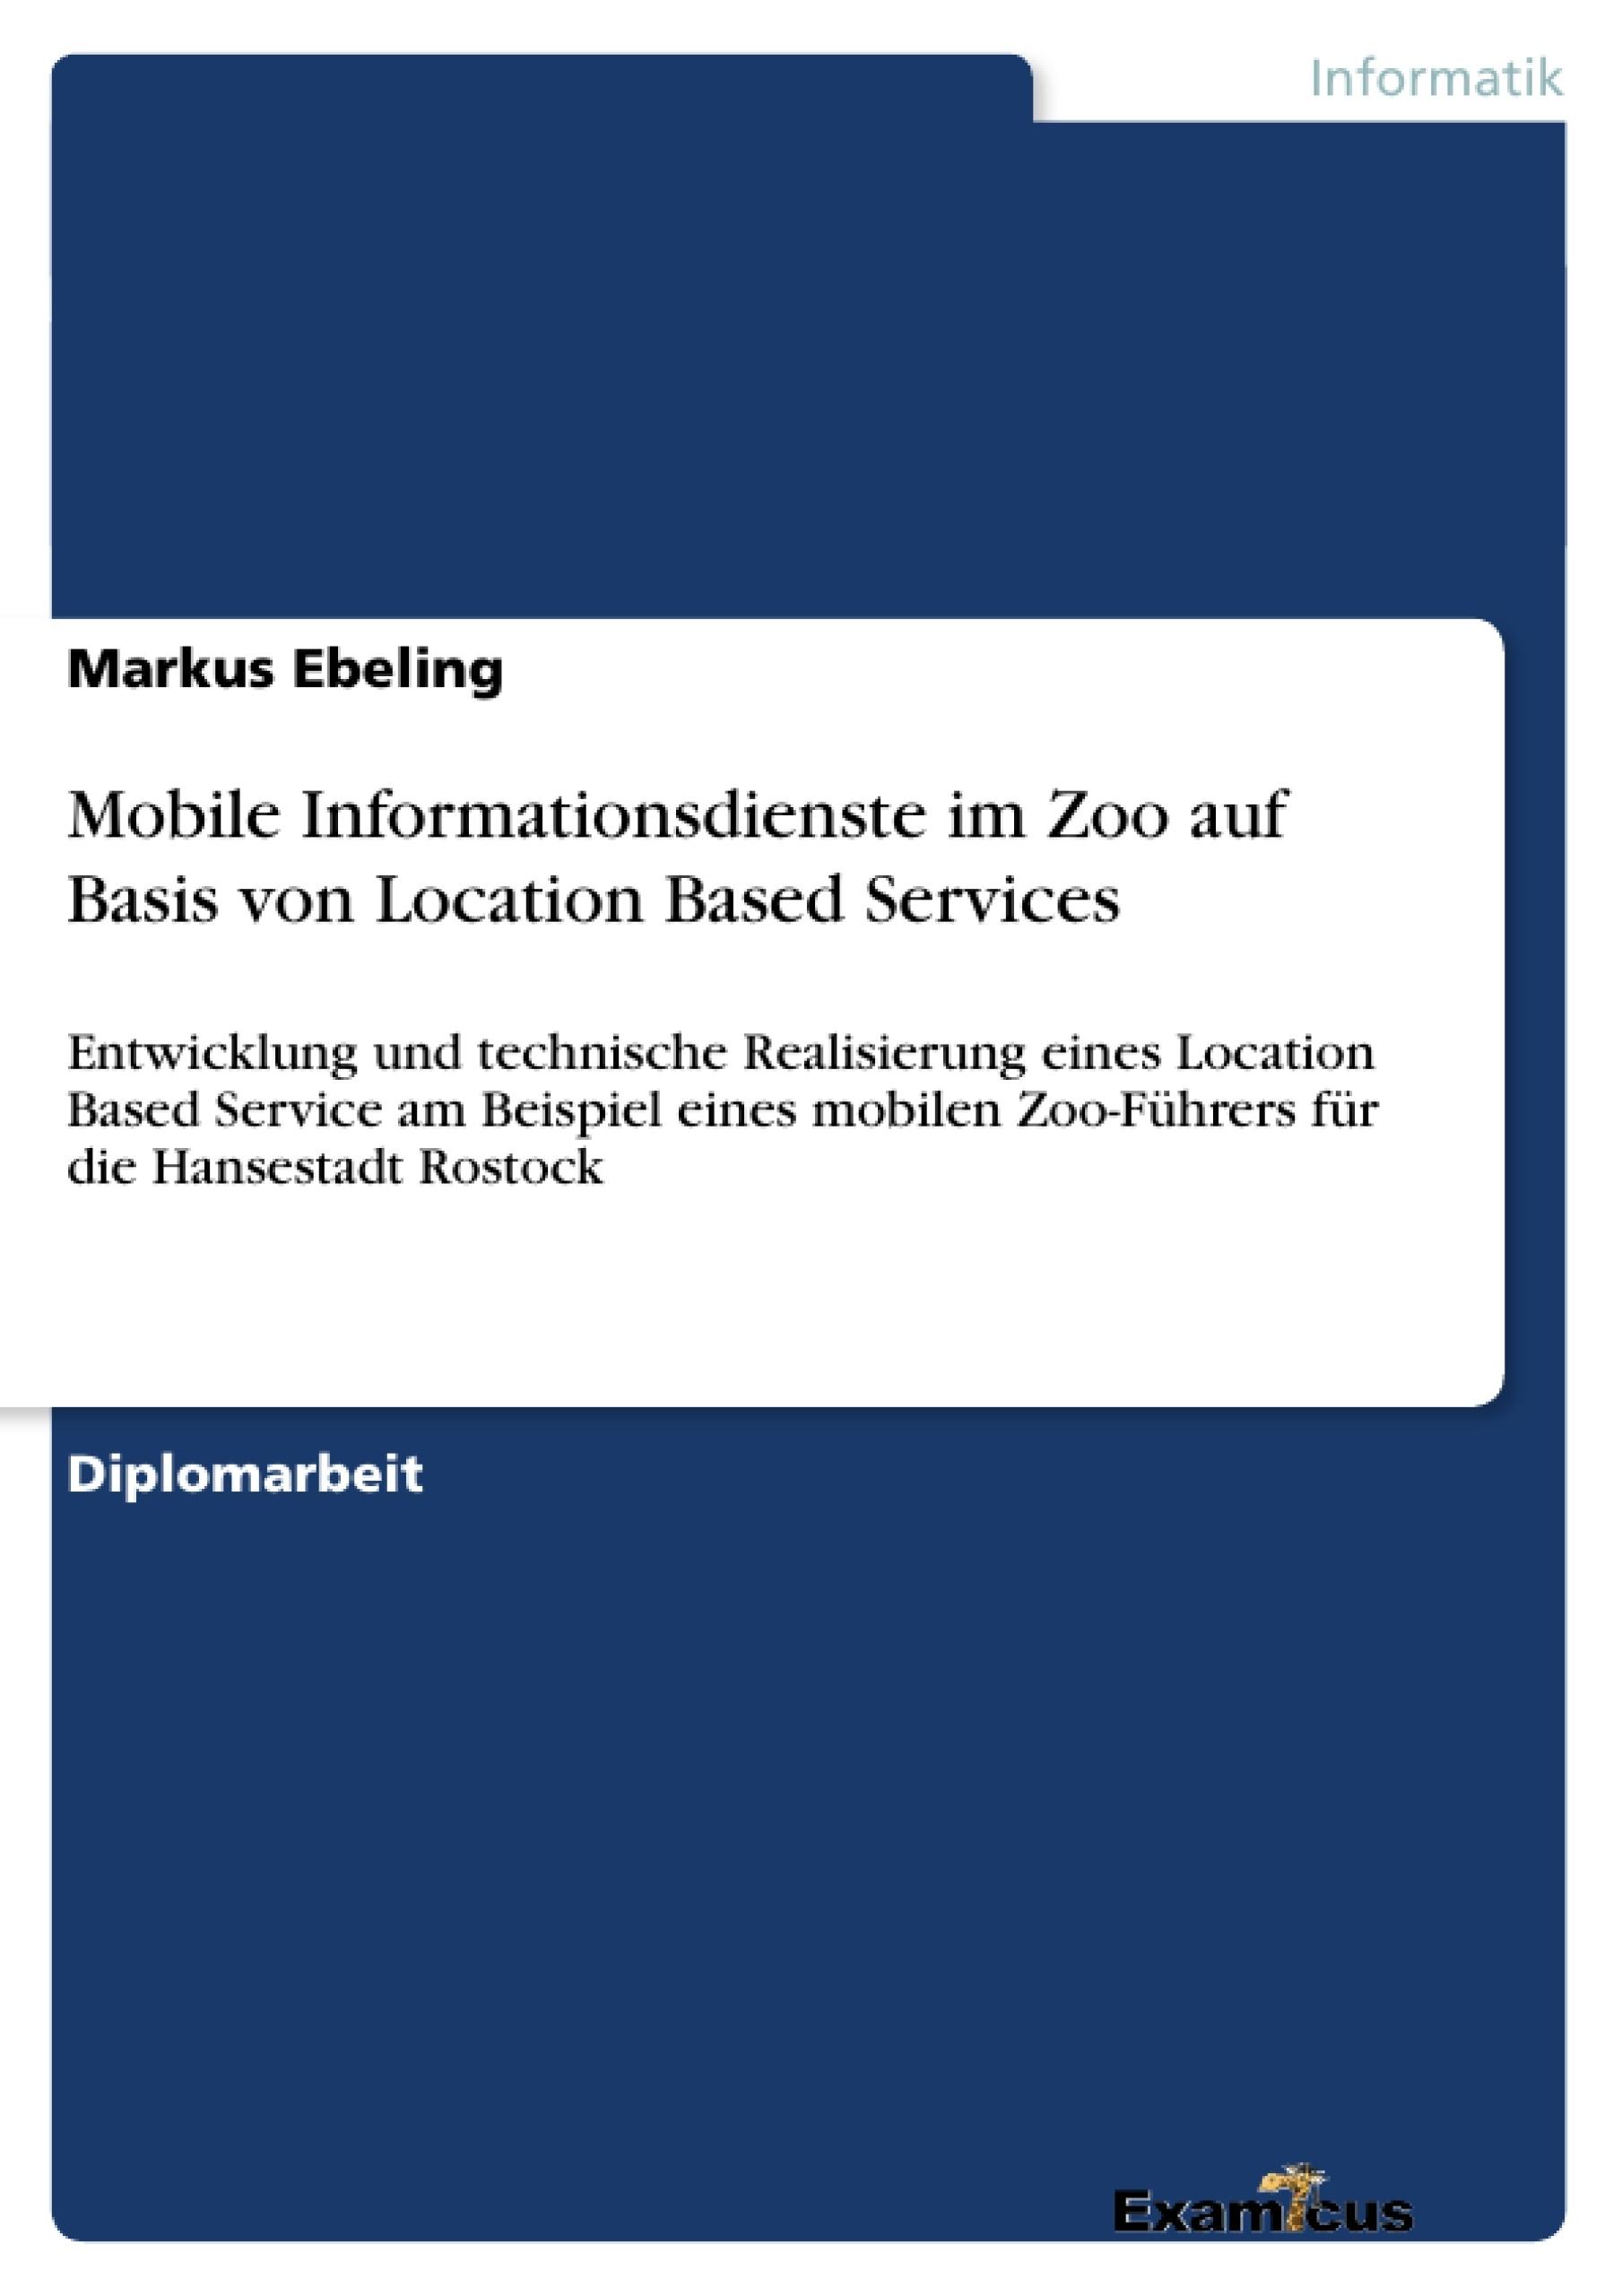 Titel: Mobile Informationsdienste im Zoo auf Basis von Location Based Services